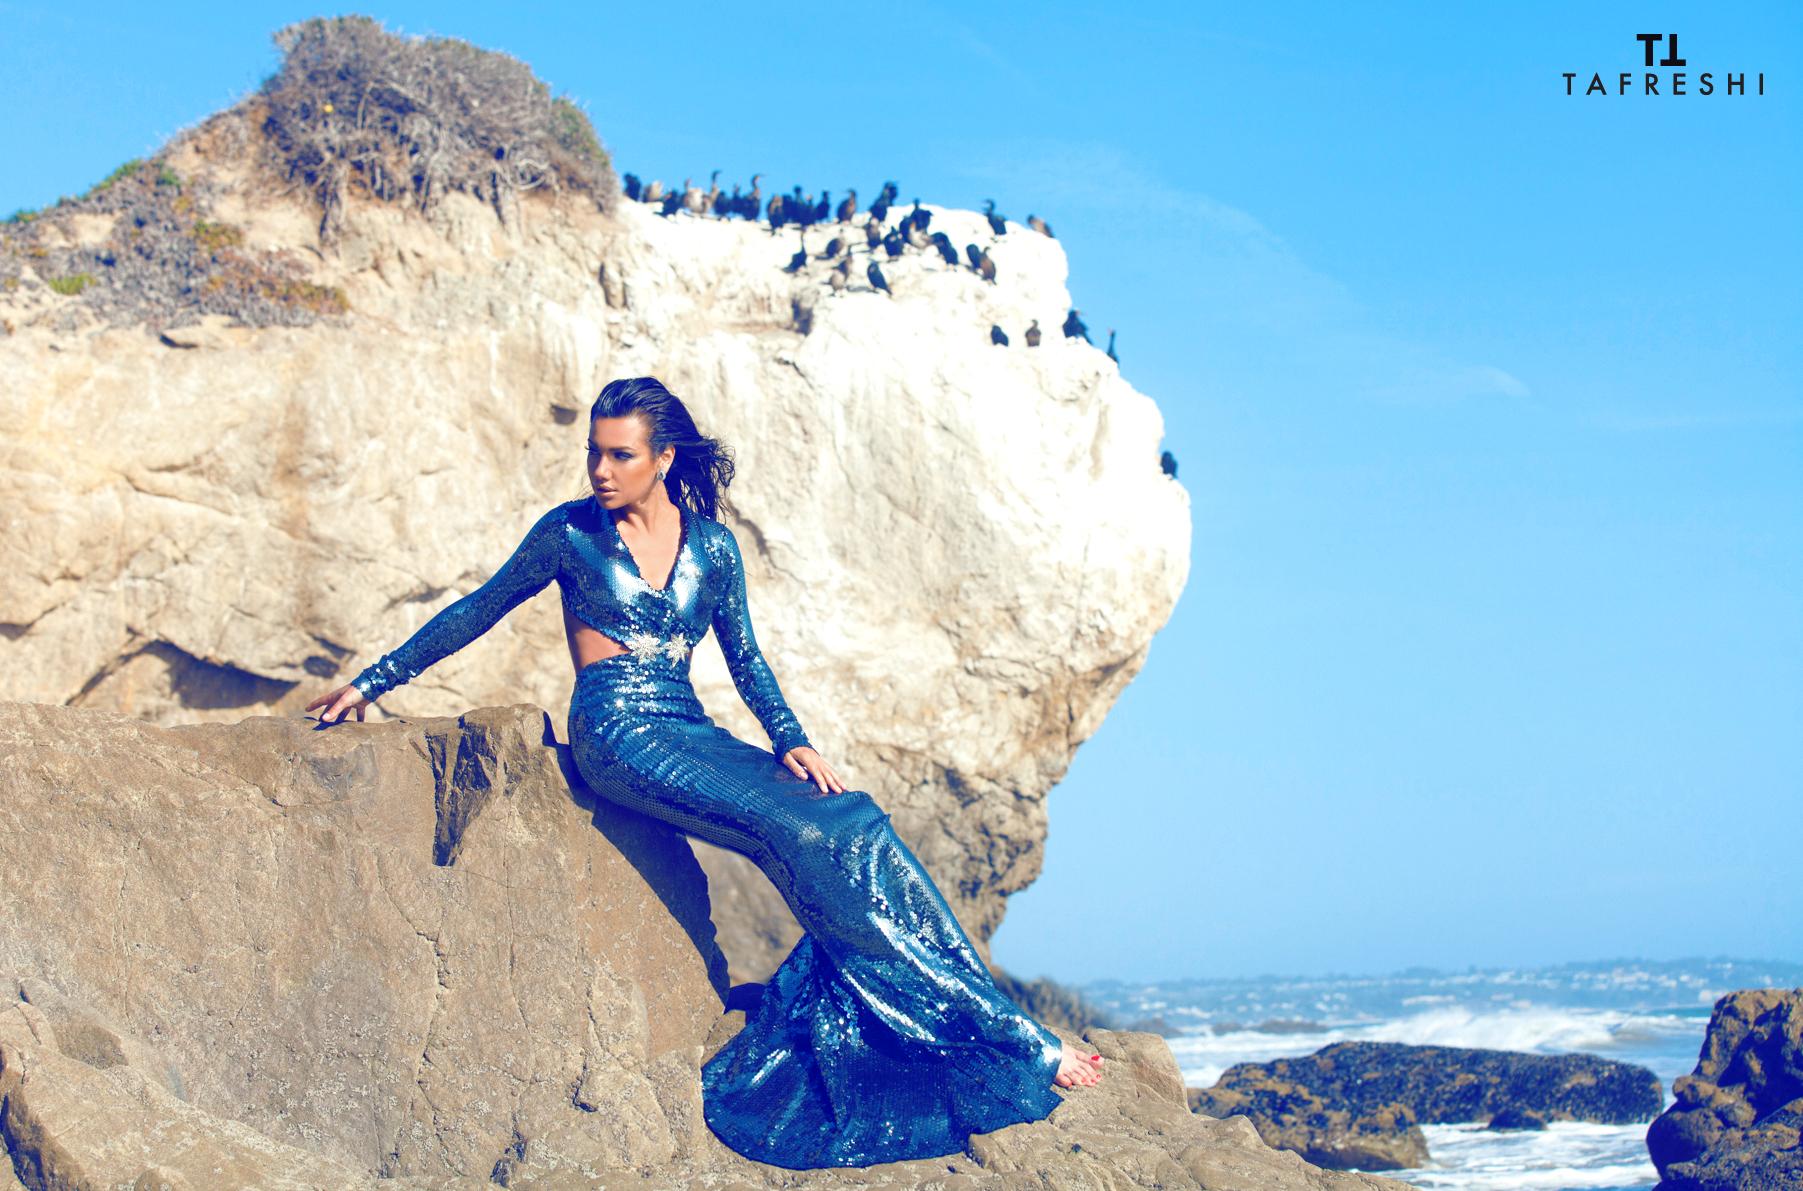 Mermaid Sequins Dress